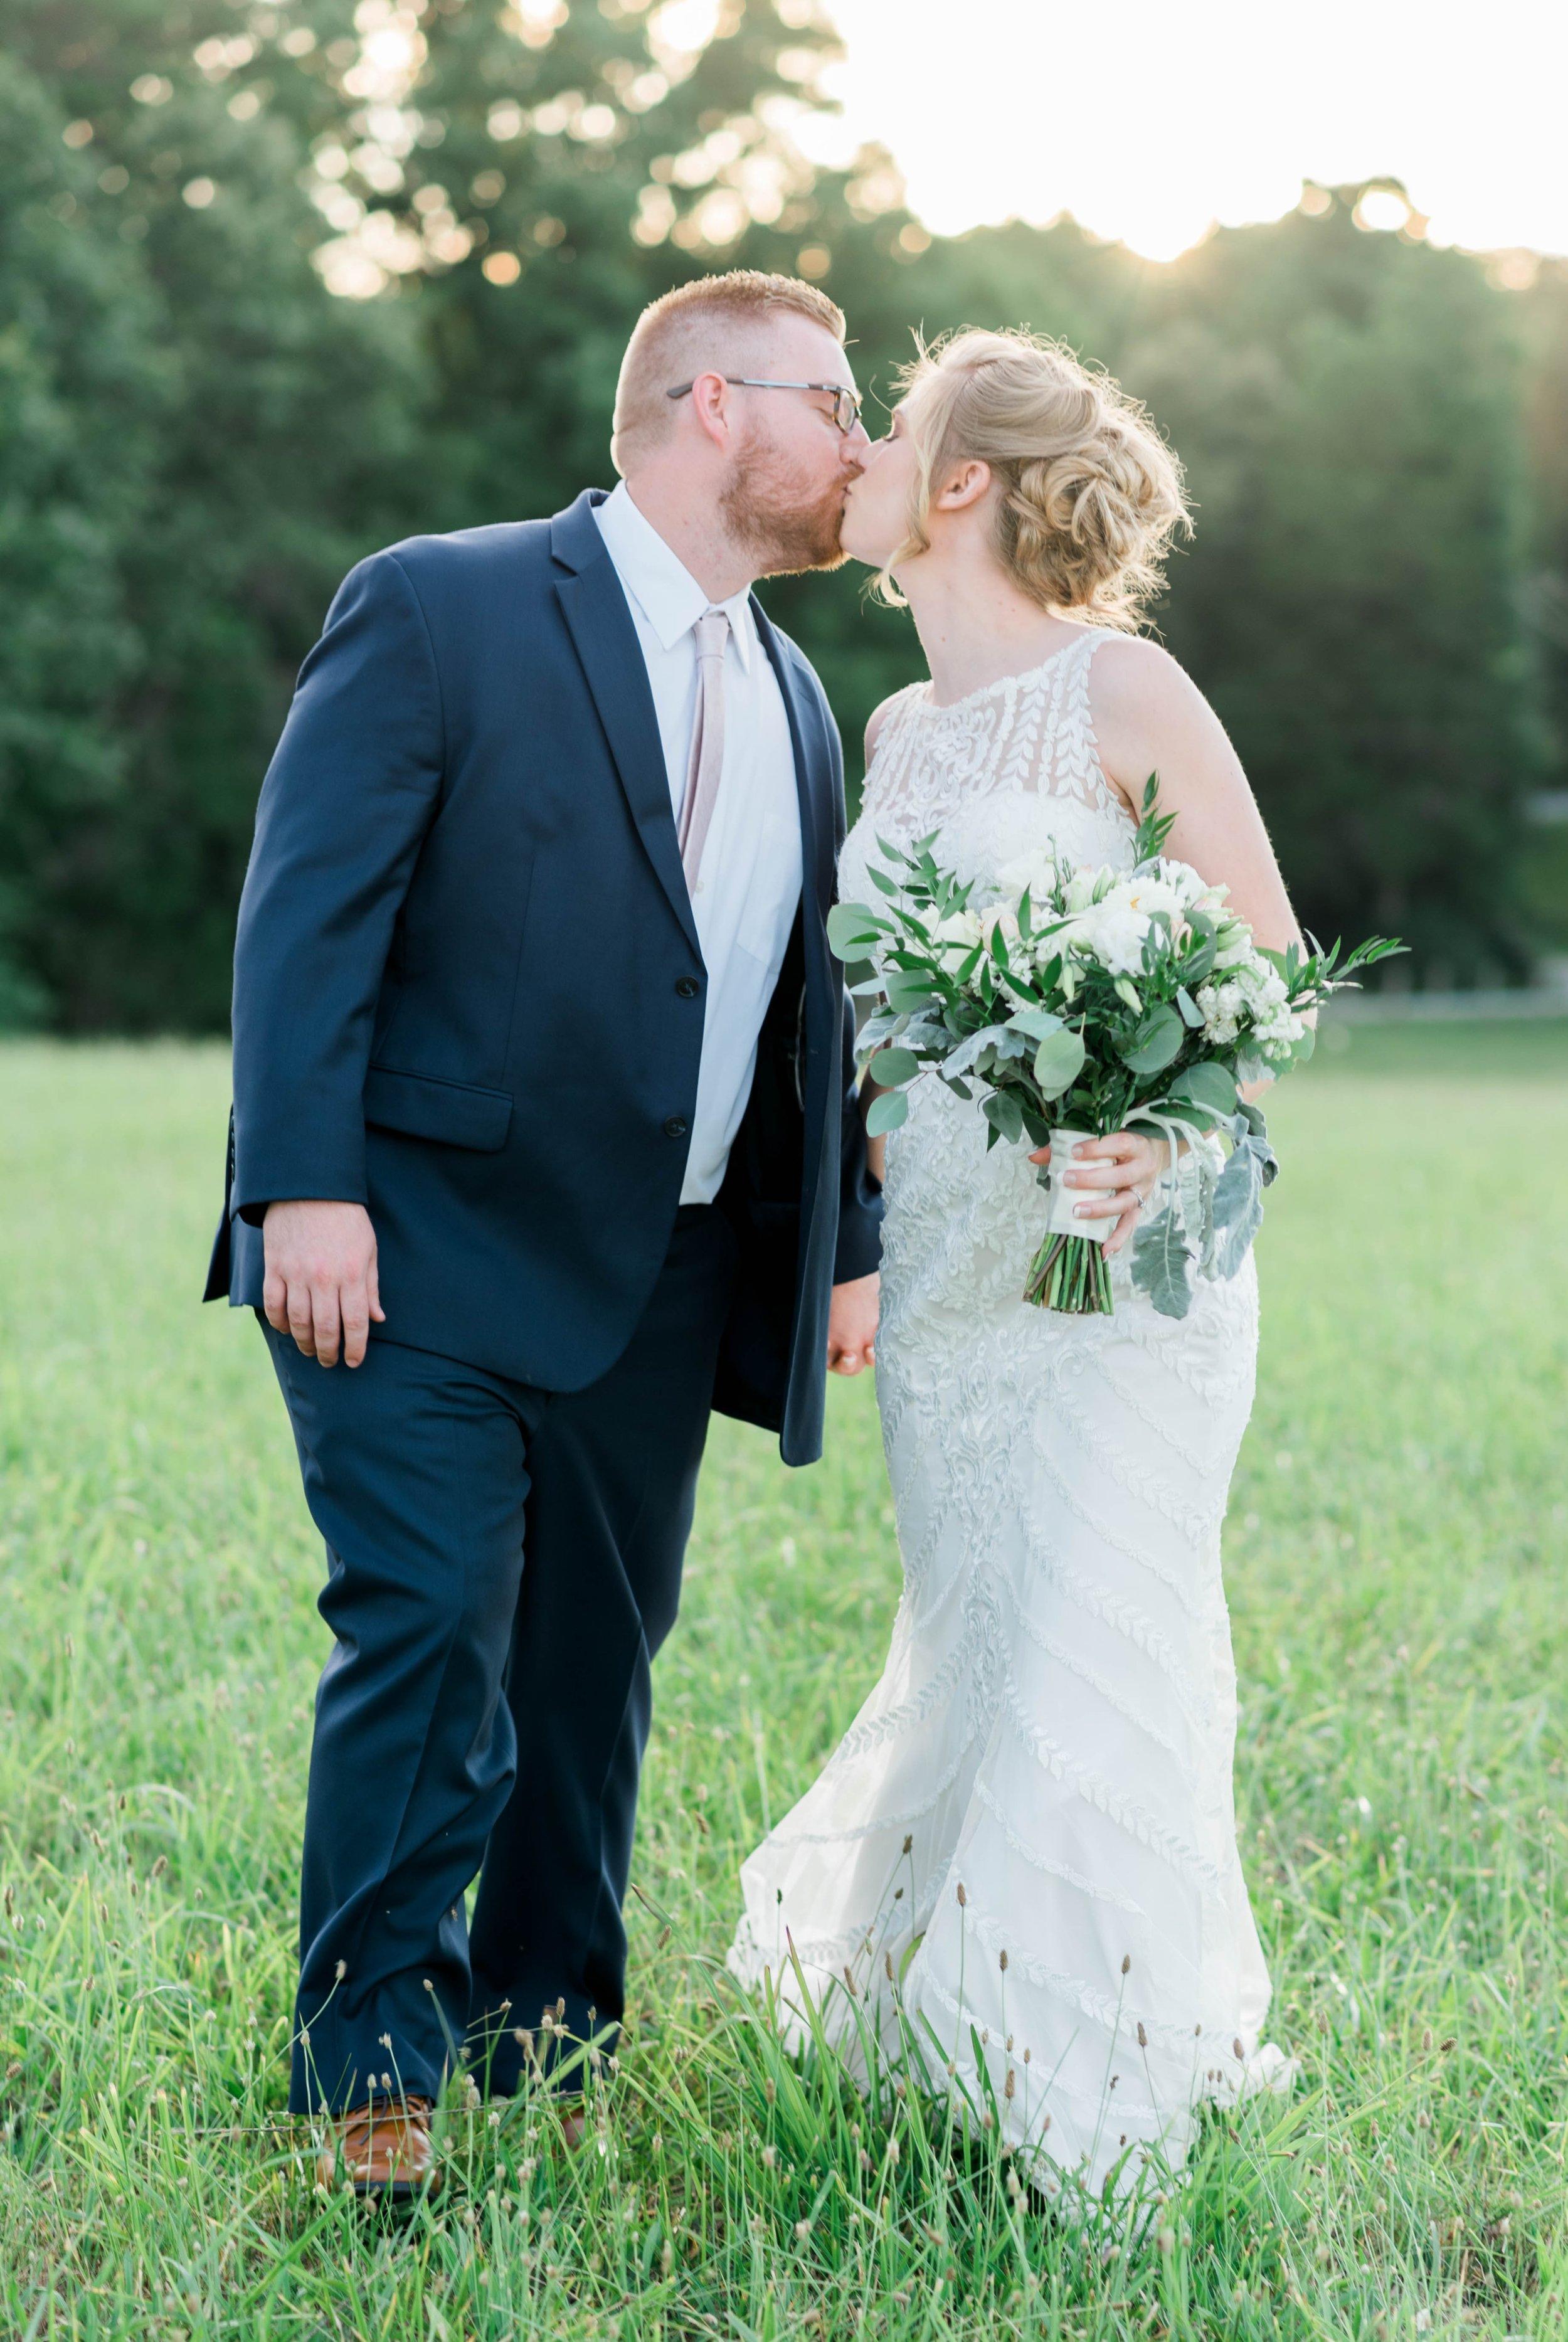 SorellaFarms_VirginiaWeddingPhotographer_BarnWedding_Lynchburgweddingphotographer_DanielleTyler 27.jpg